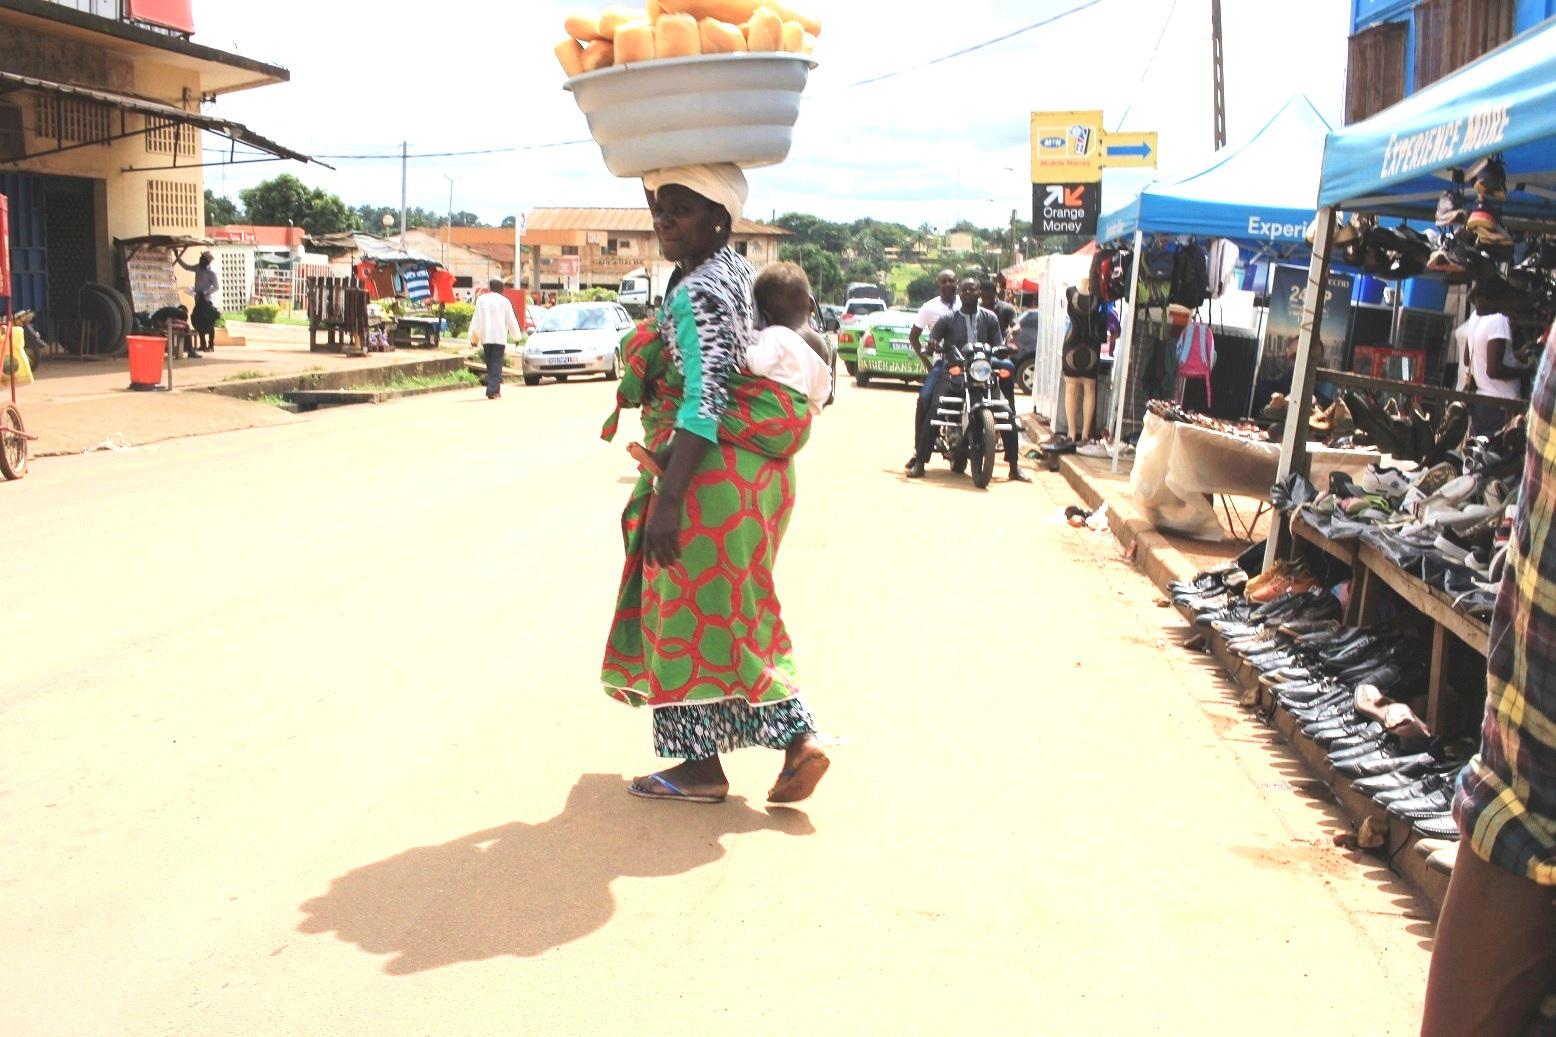 Mère avec enfant sur le chemin du marché